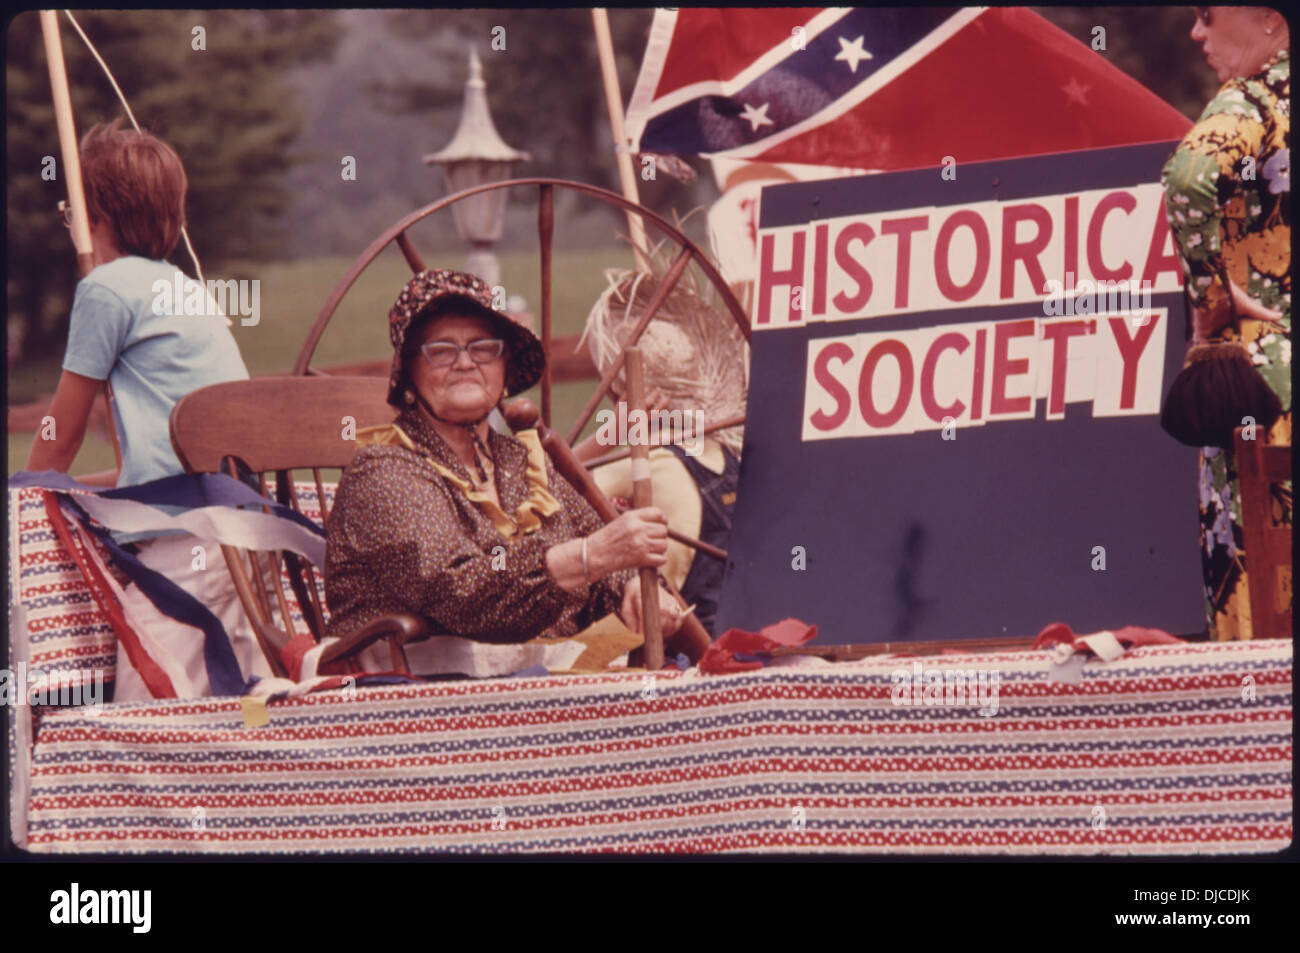 WHITE società storica della contea di galleggiare in un quarto di luglio PARADE giù sulla strada principale in Helen, GEORGIA, vicino . 711 Immagini Stock